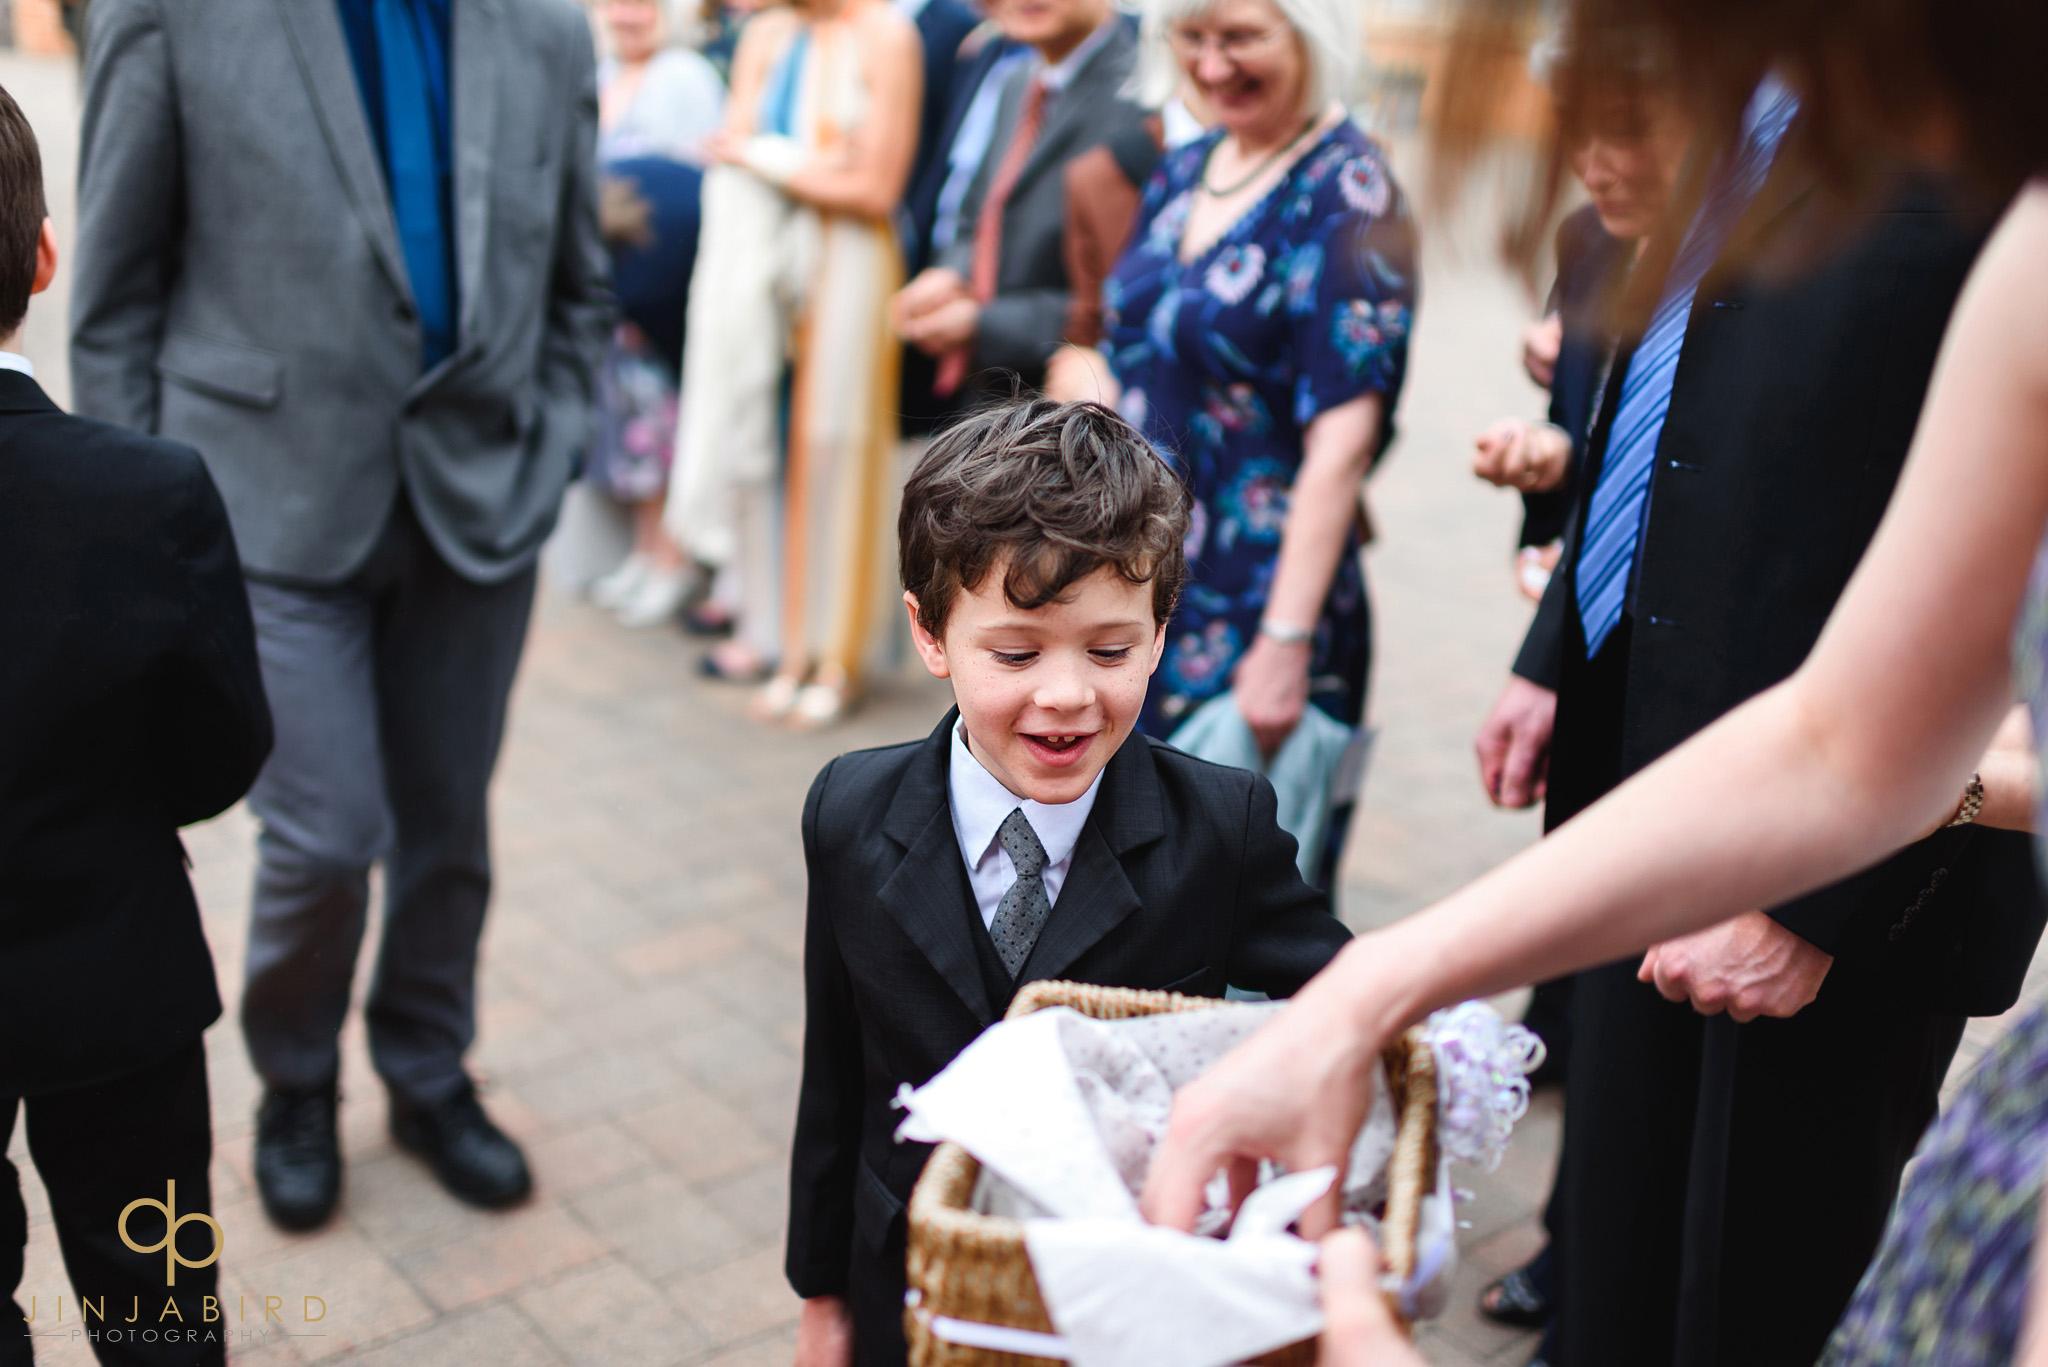 small child with wedding confetti